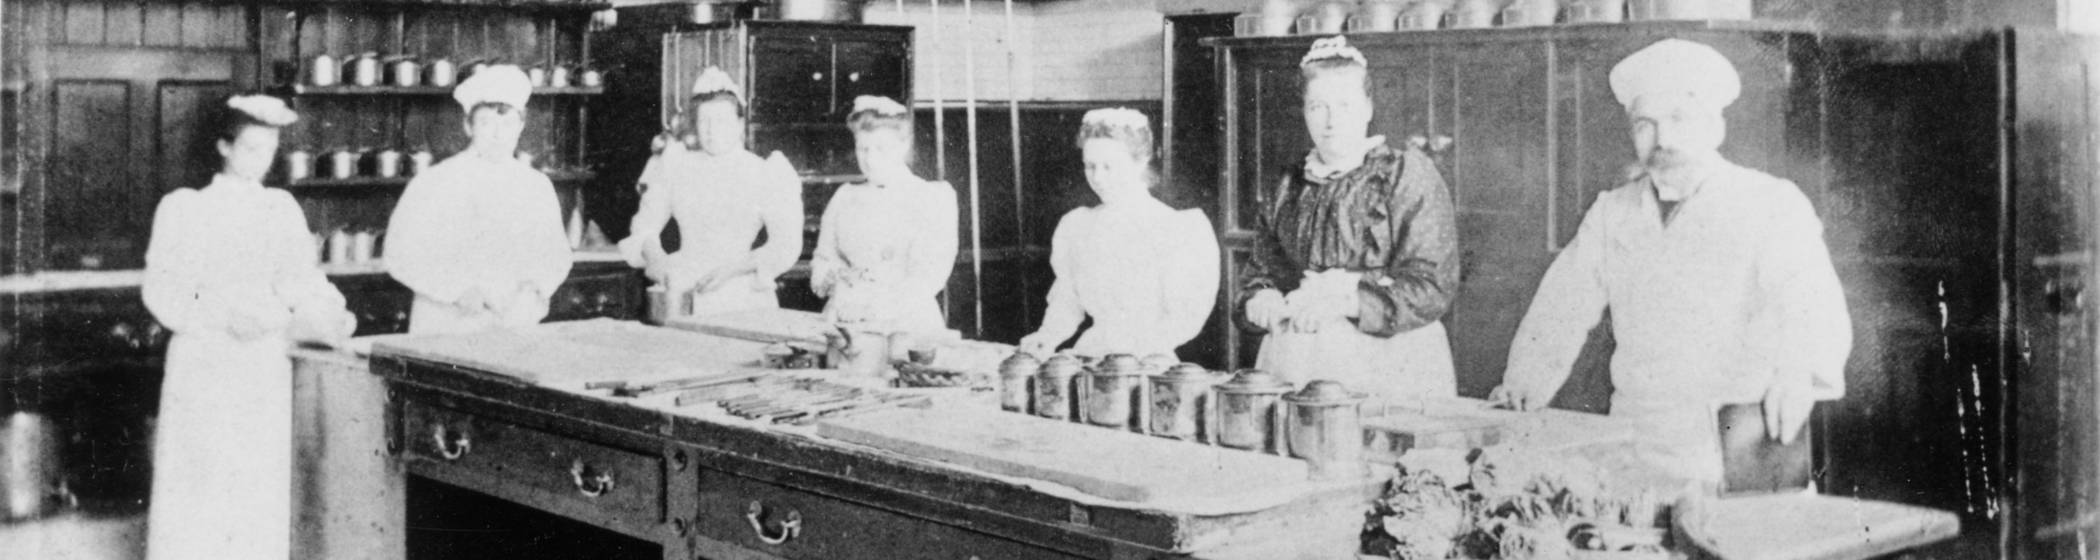 Kitchen-Staff-about-1900_3000x800